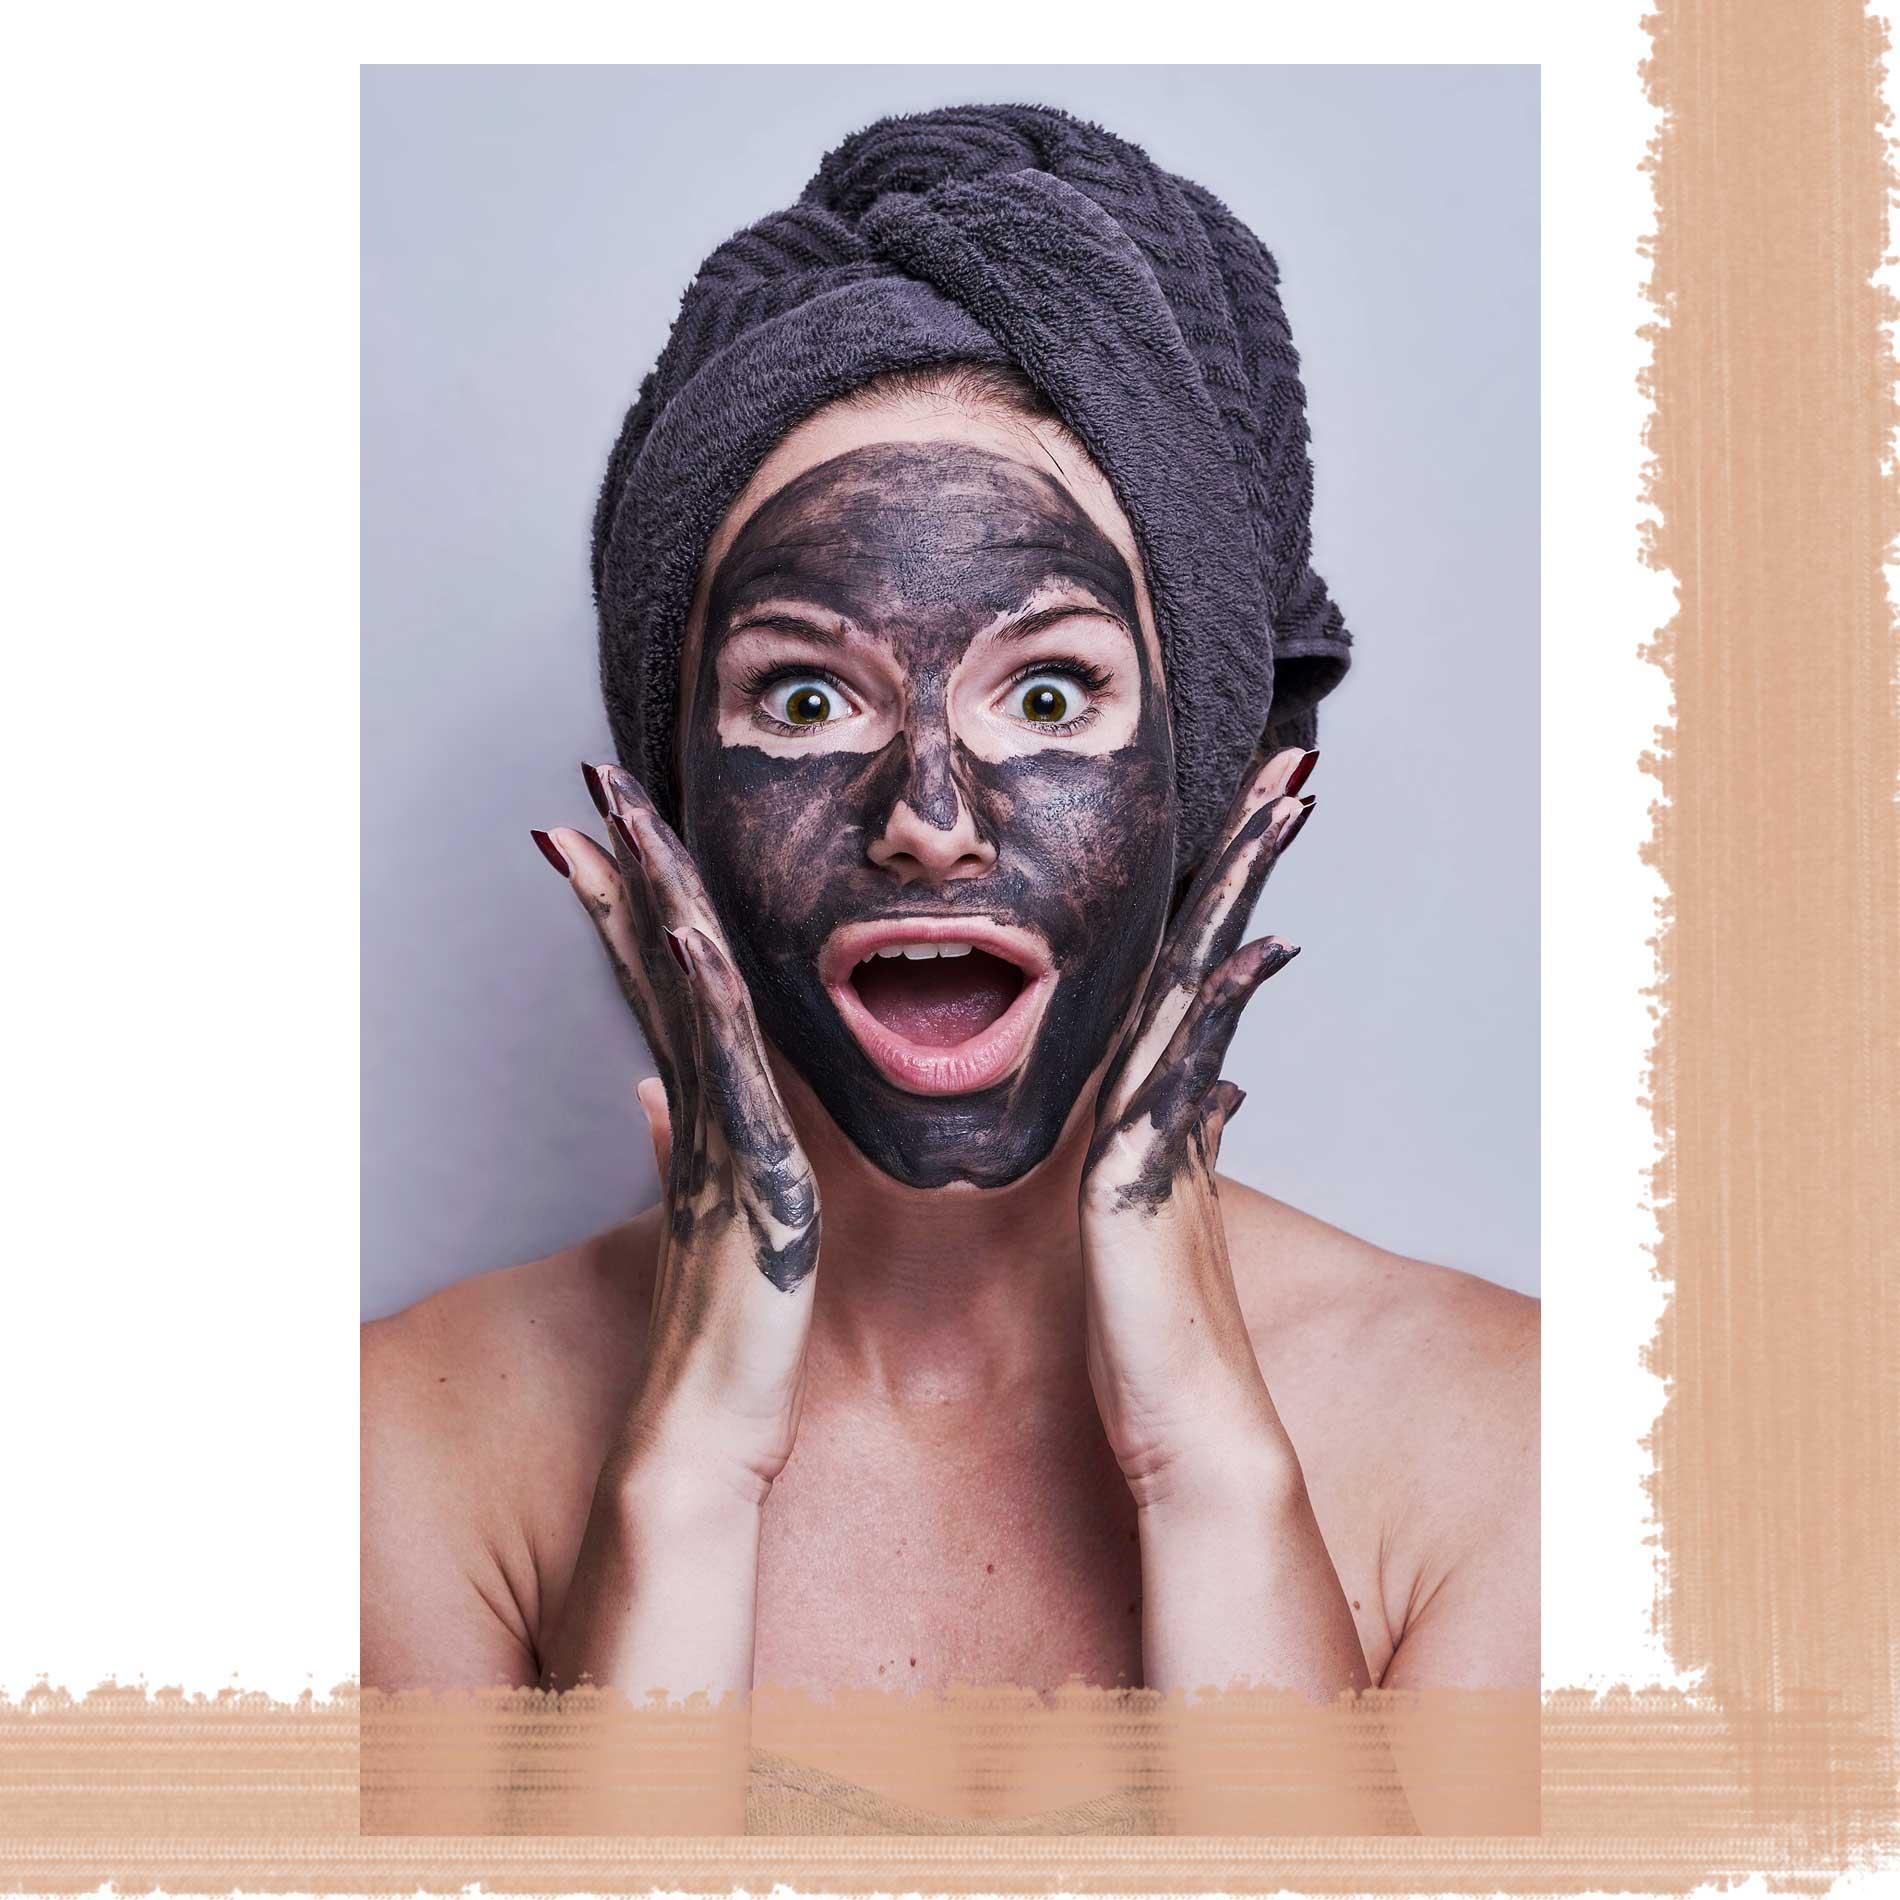 Fehler bei der Hautpflege, 5 häufige Hautpflege Fehler, Tipps zur Hautpflege, Gesichtspflege, Haut, Skincare, Self Care, Wellness, Haut pflegen, Gesichtspflegeroutine, Gesicht reinigen